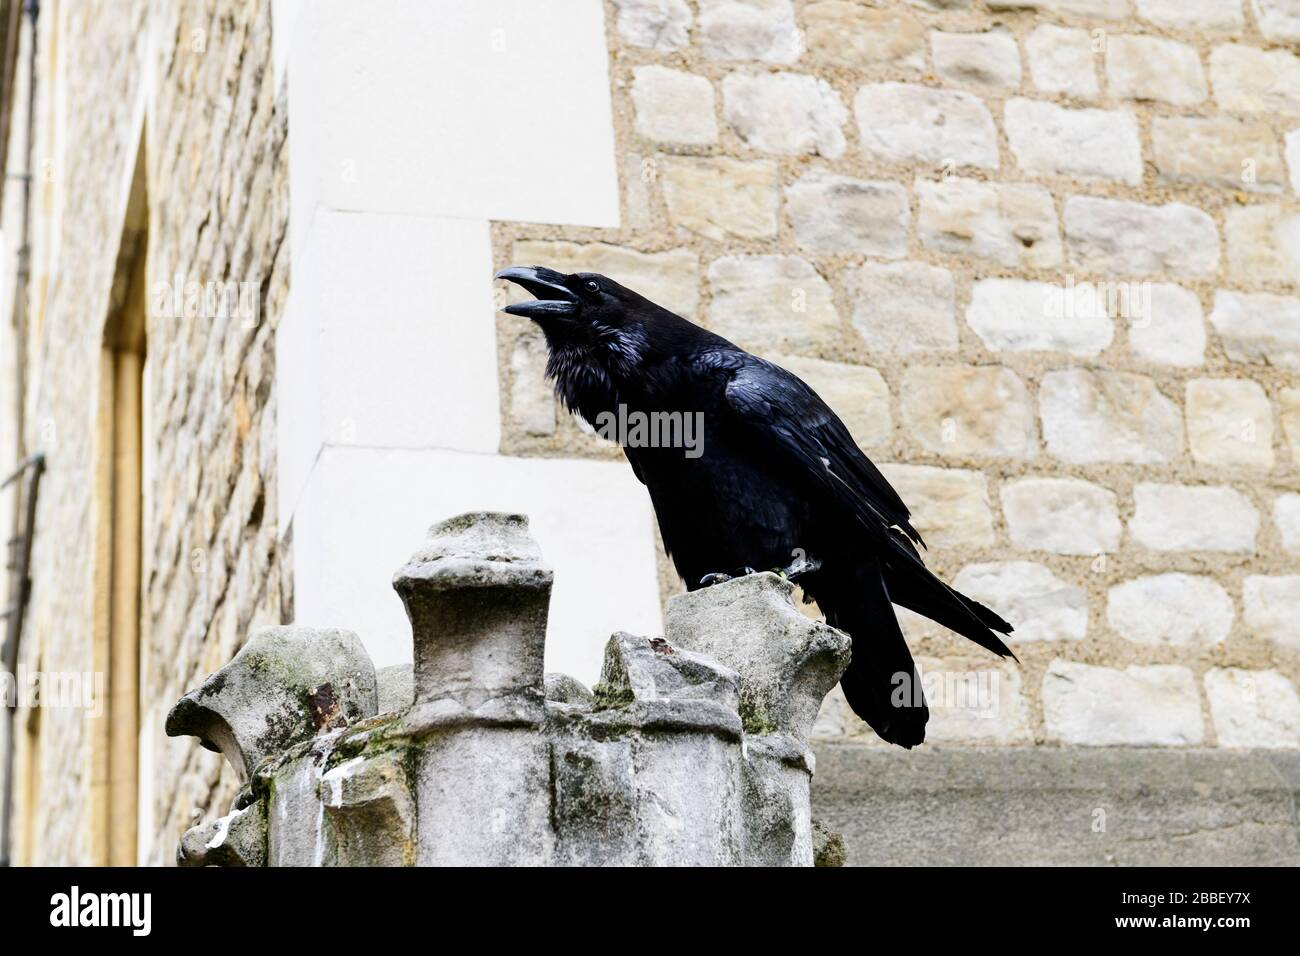 Un corbeau noir à l'intérieur de la Tour de Londres à Londres, en Angleterre Banque D'Images